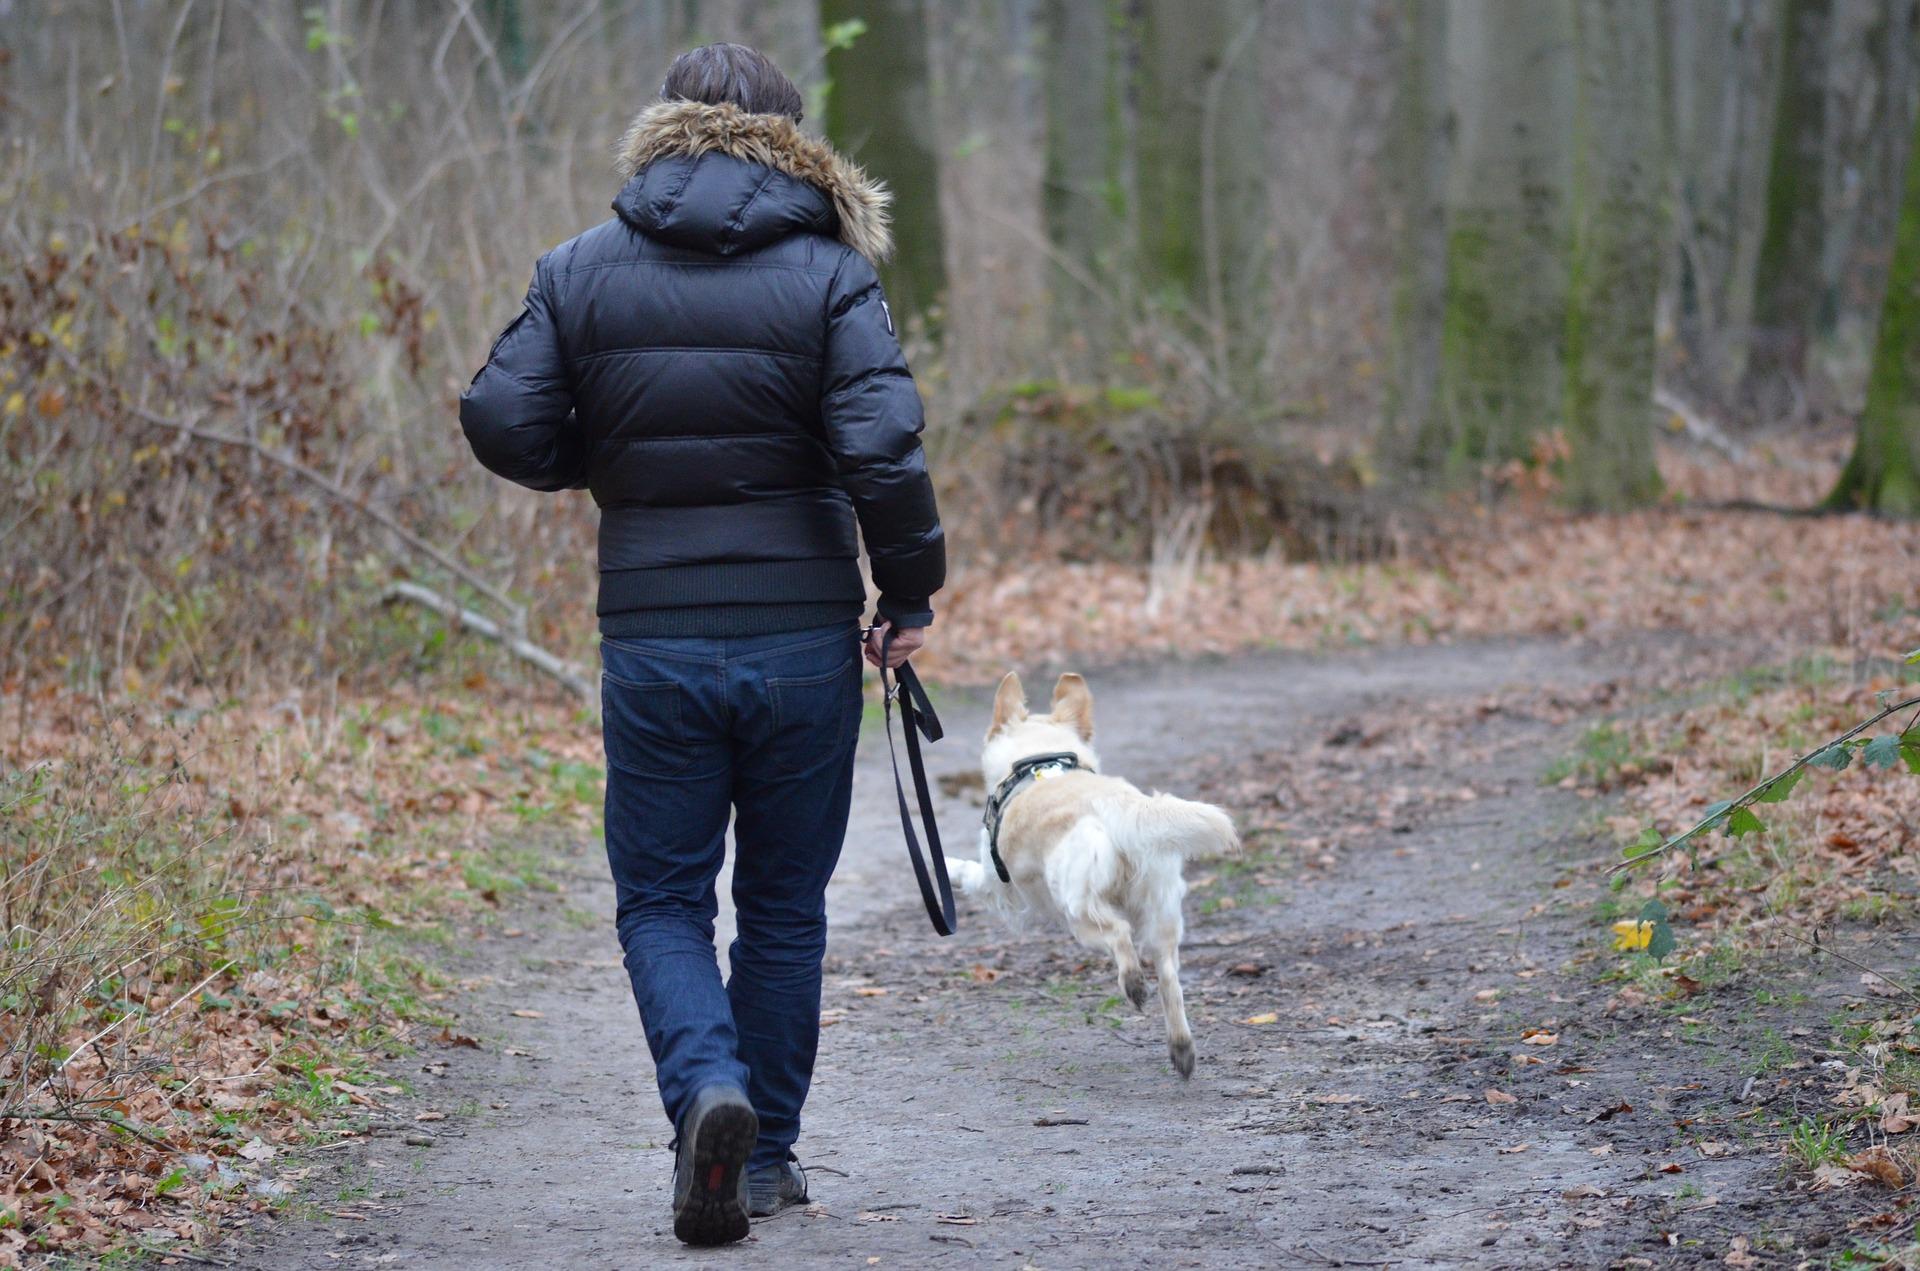 Treinar sinais sonoros, como assobios, são muito importantes na hora do passeio com seu cão. Foto: Pixabay